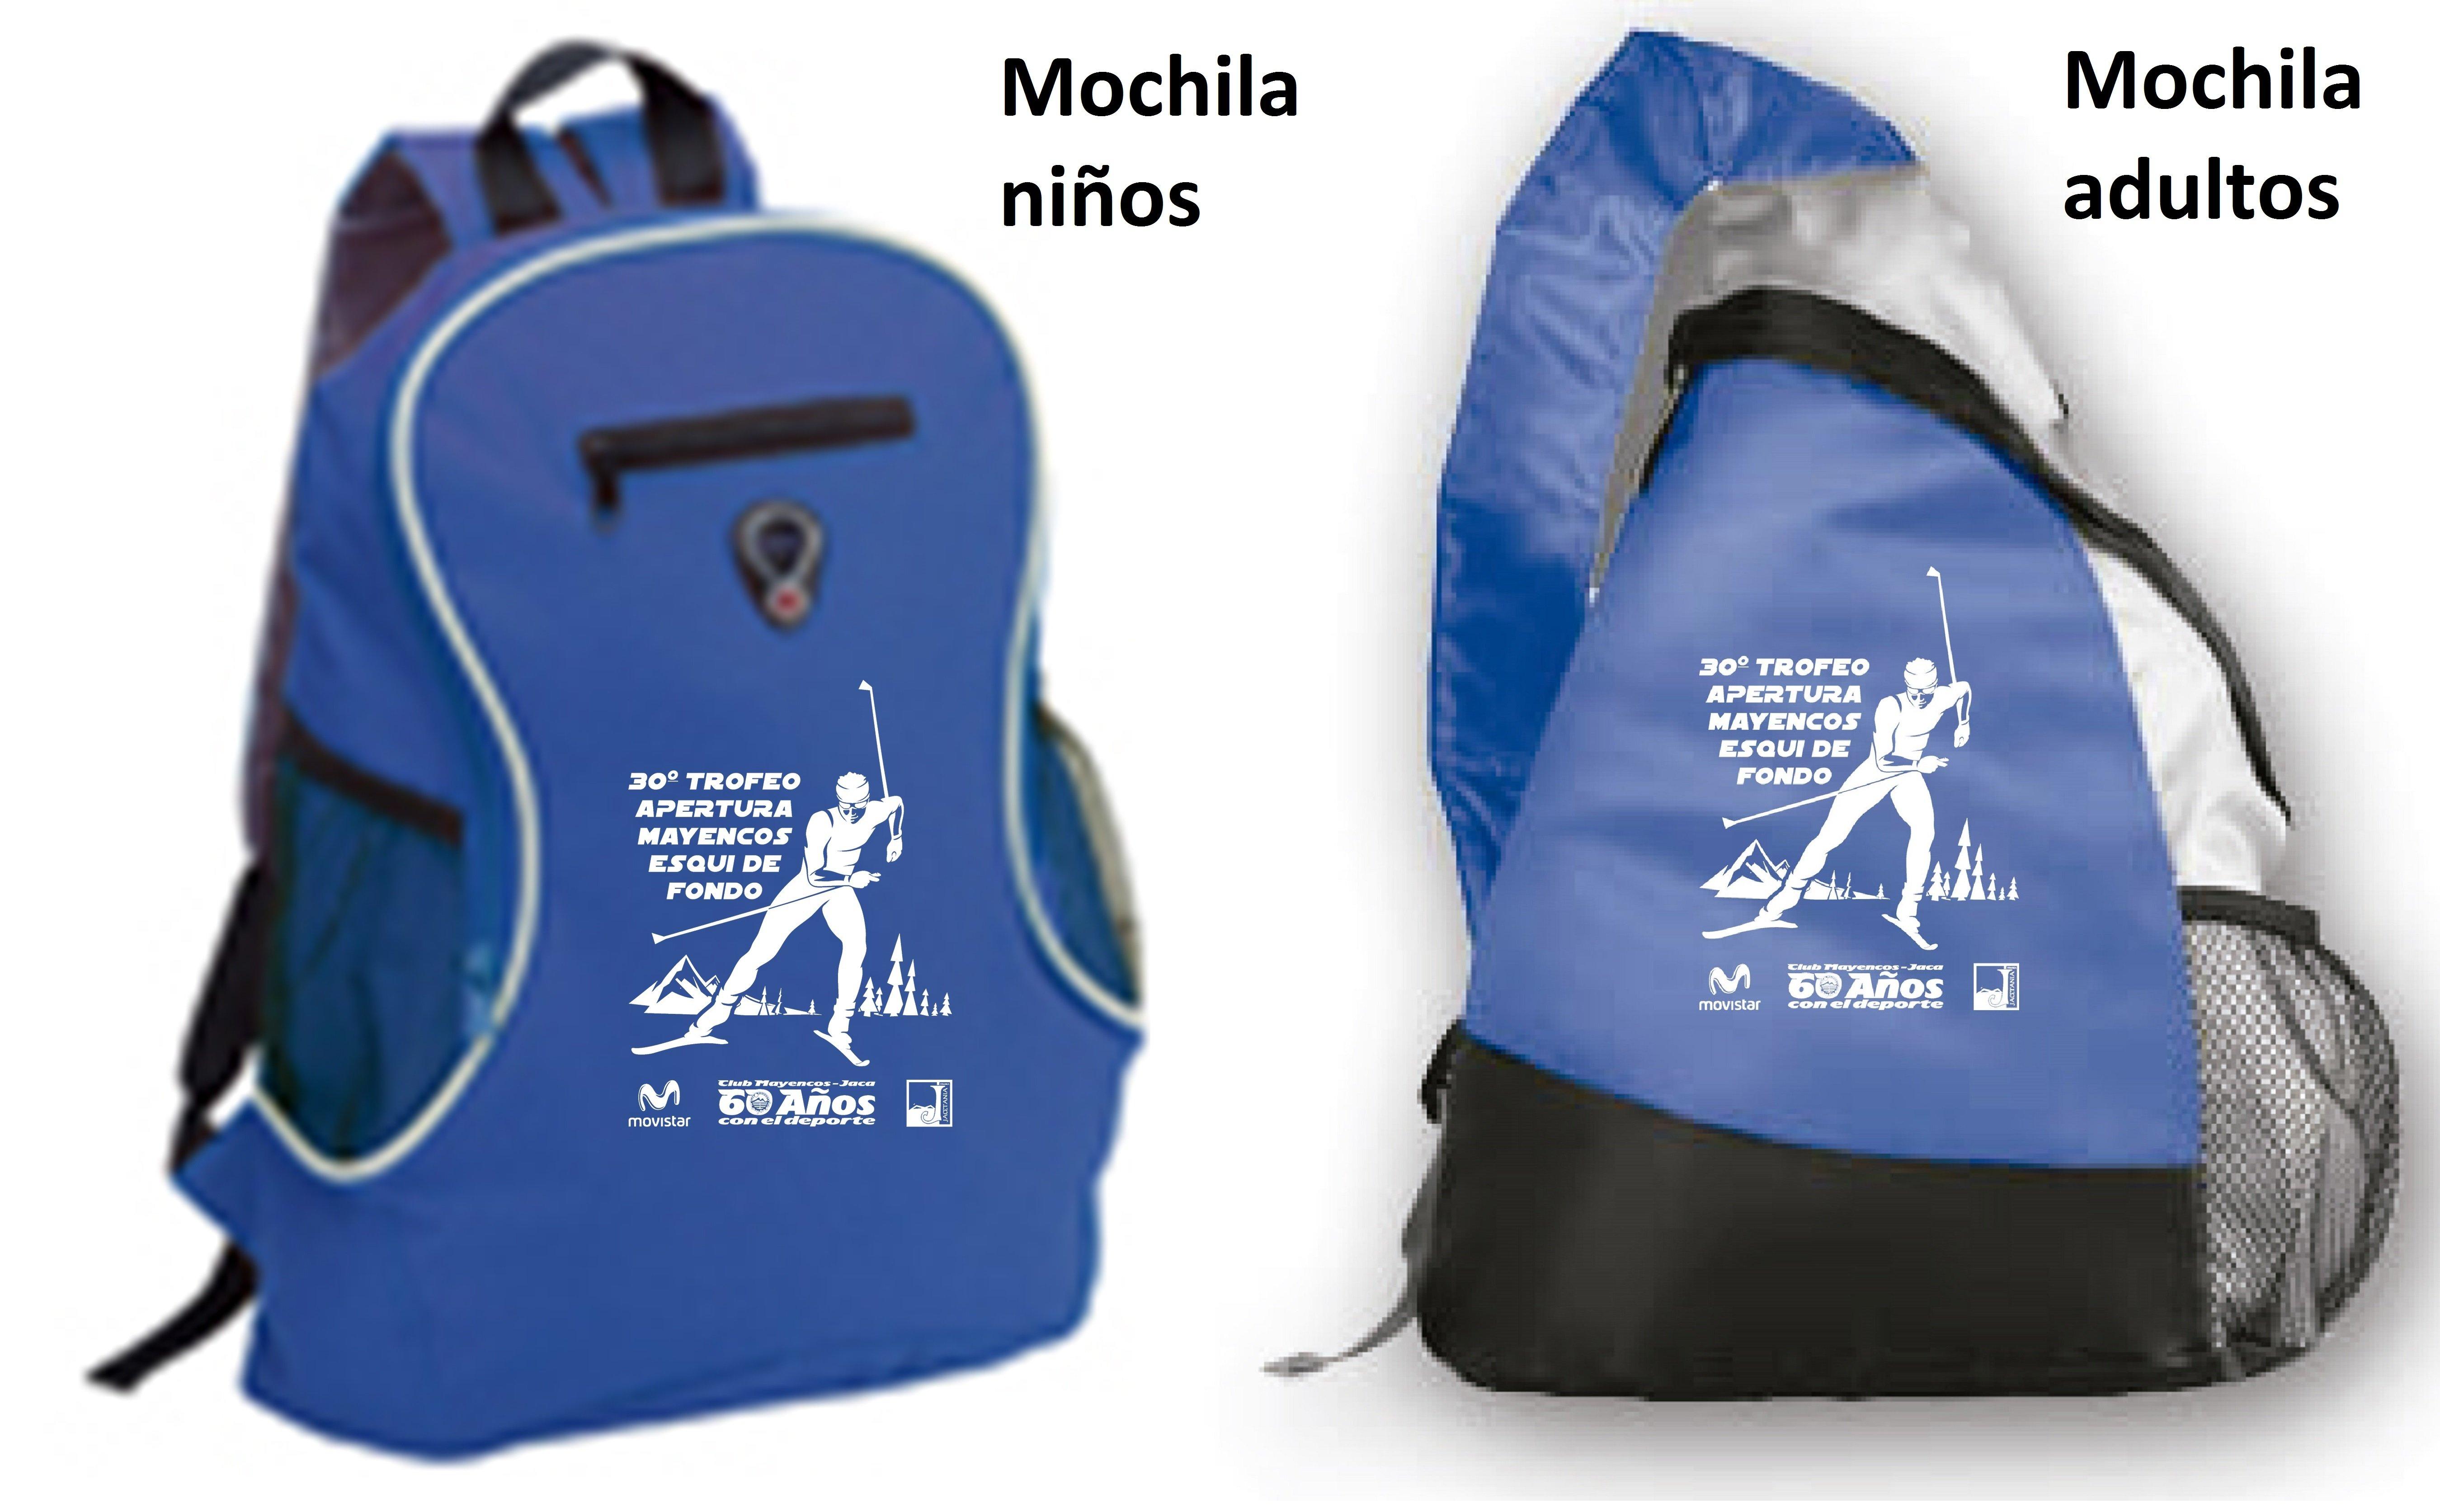 Simulación de las mochilas